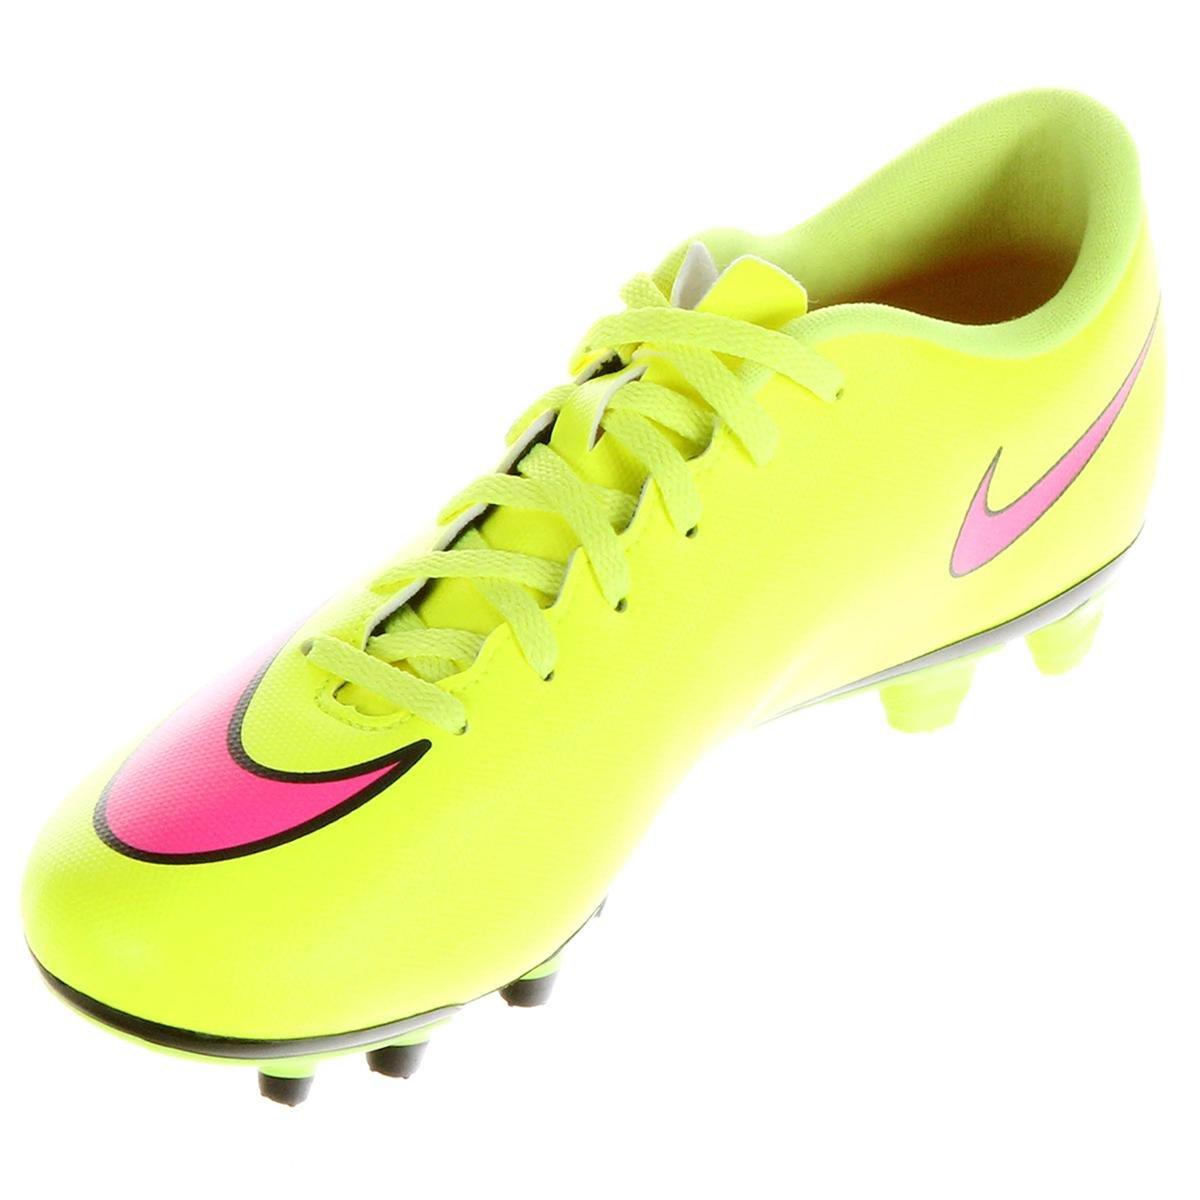 9369116d5f Chuteira Campo Nike Mercurial Vortex 2 FG Masculina - Compre Agora ...